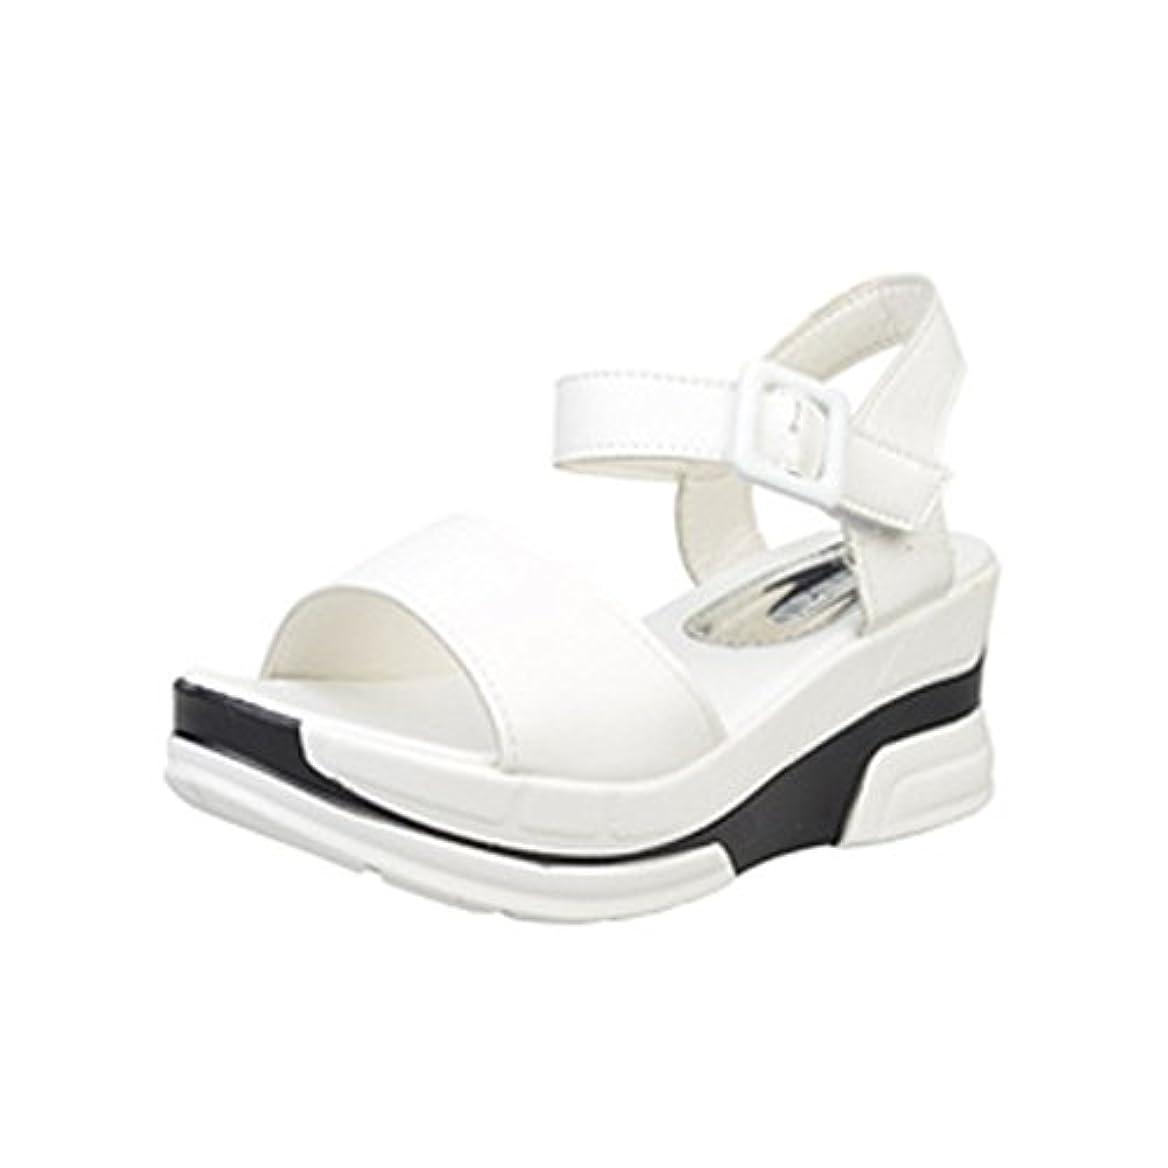 付録スキニーそよ風[シューズ Foreted] サンダル フラット アンクルストラップ 美脚 フォーマル 厚底 おしゃれ 夏 歩きやすい コンフォート ウェッジソール ぺたんこ靴 可愛い